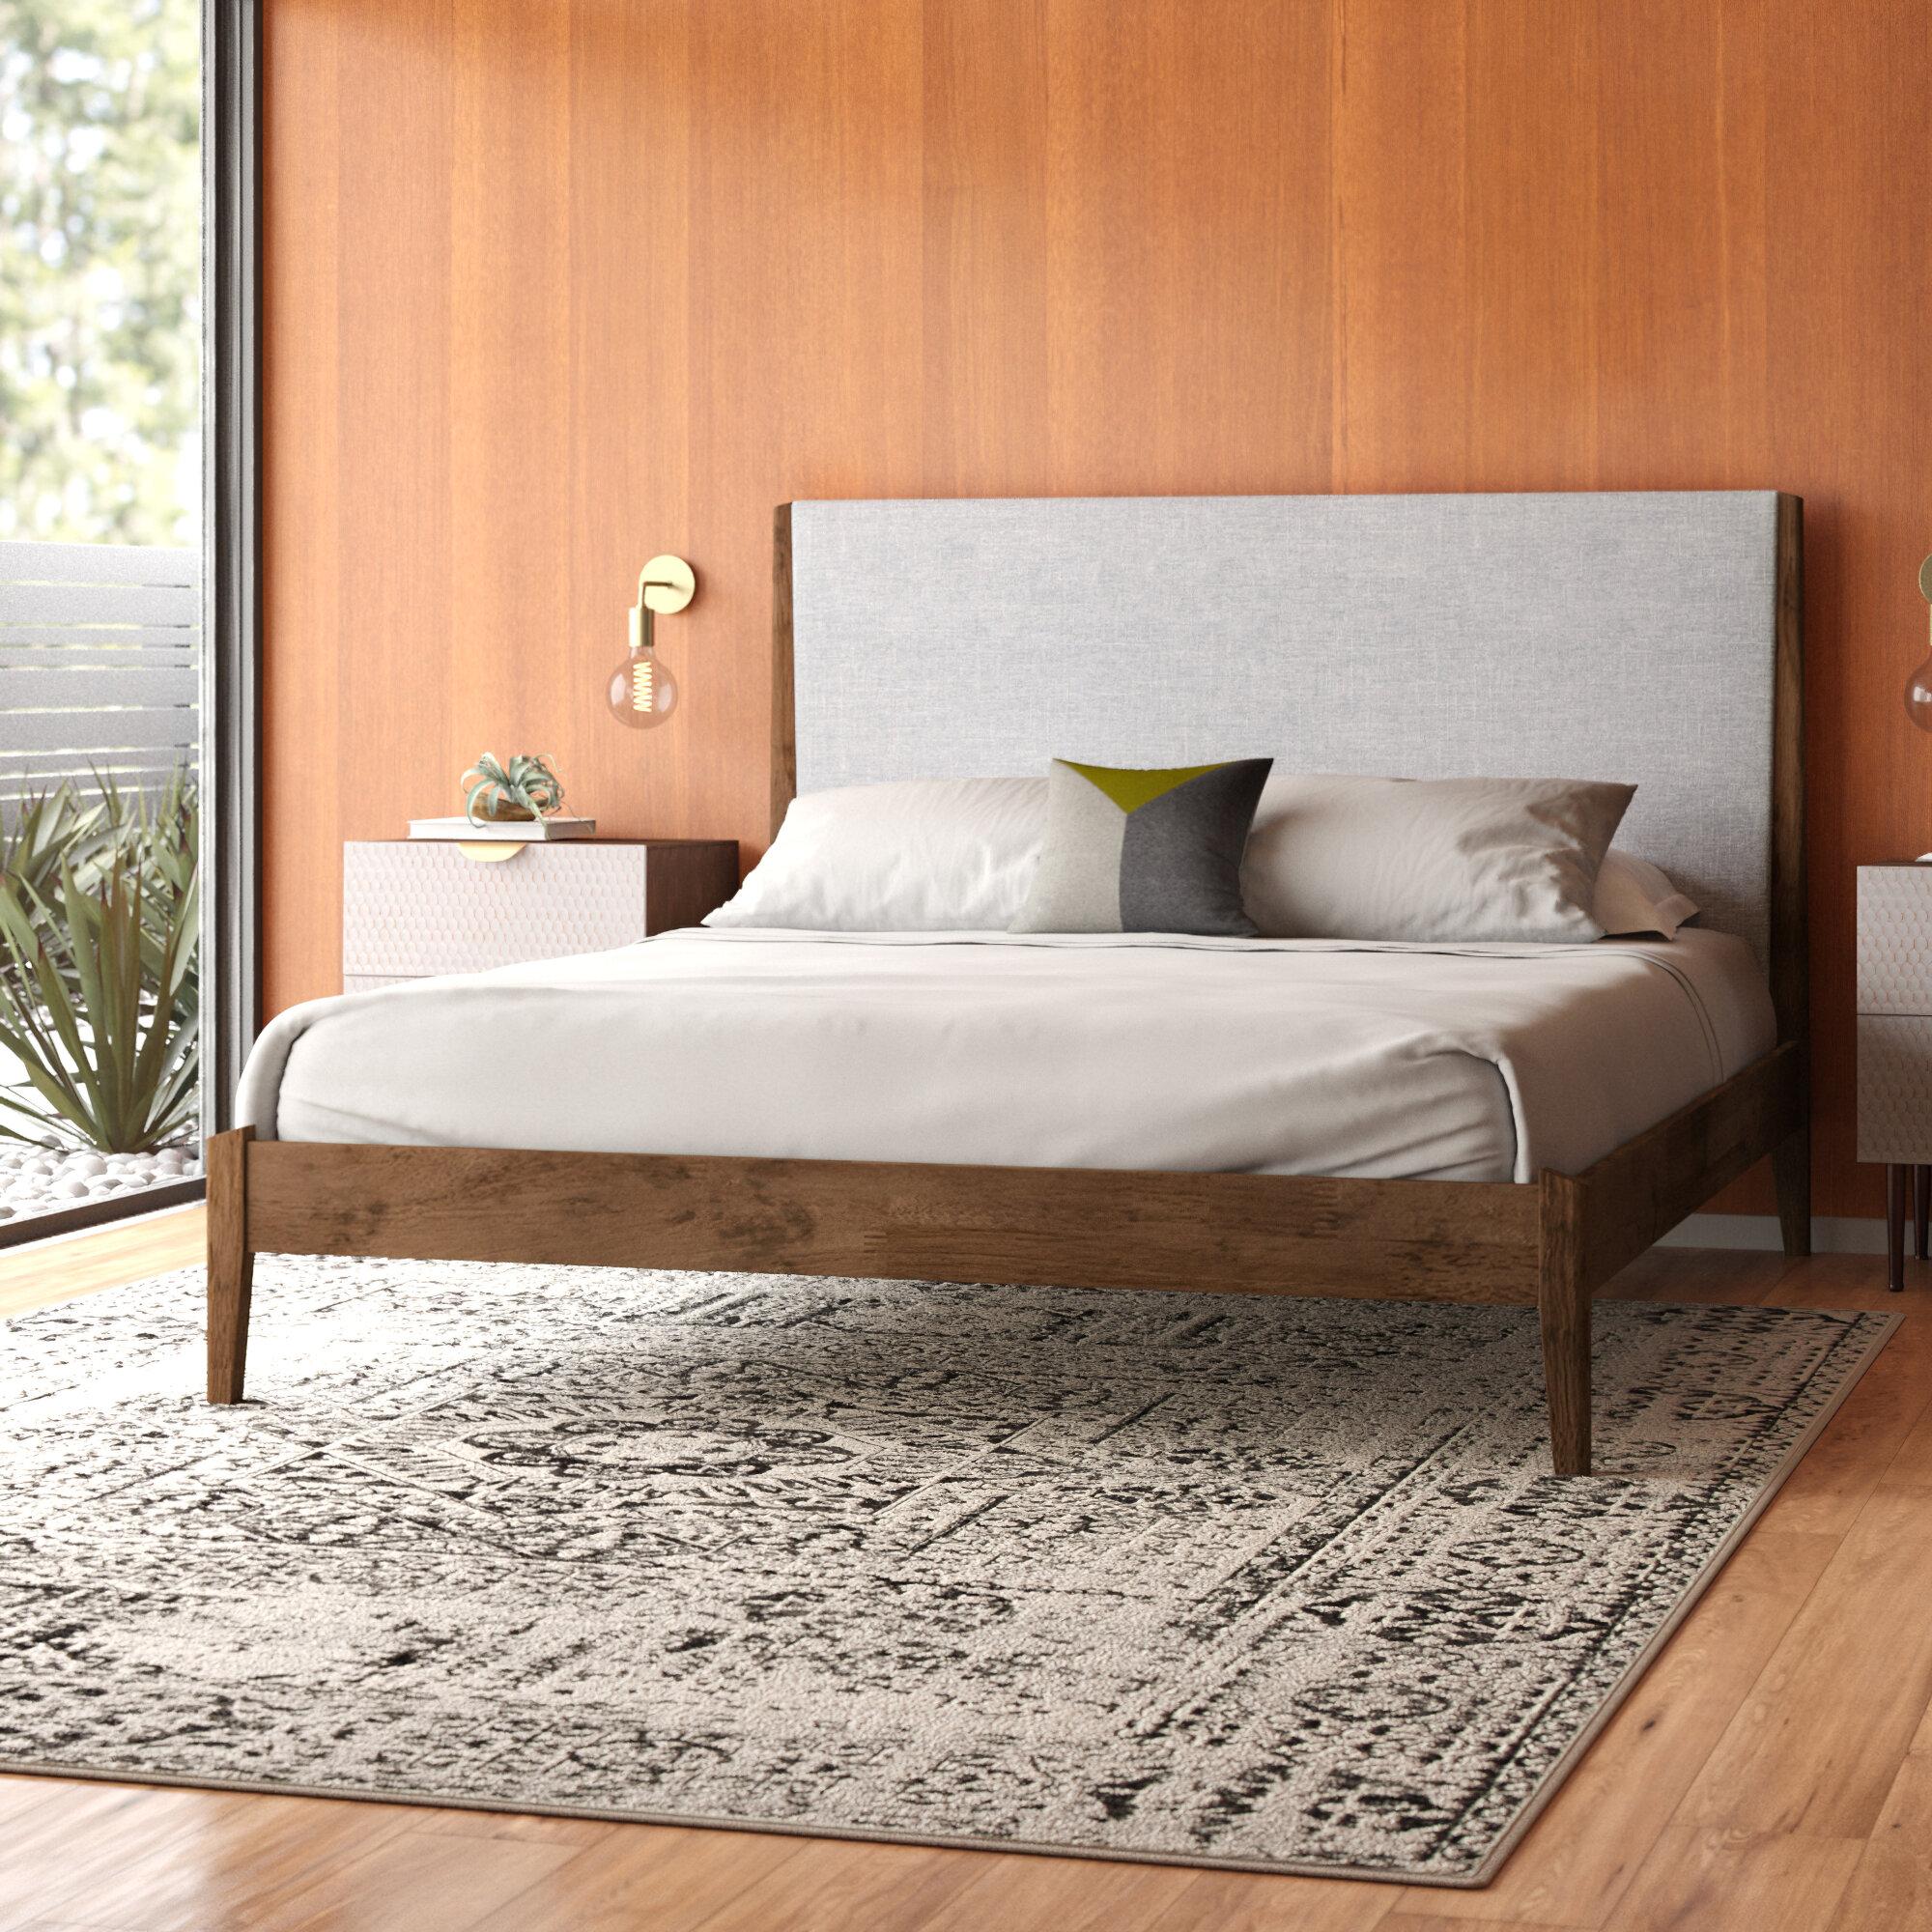 Platt Upholsterd Platform Bed Reviews